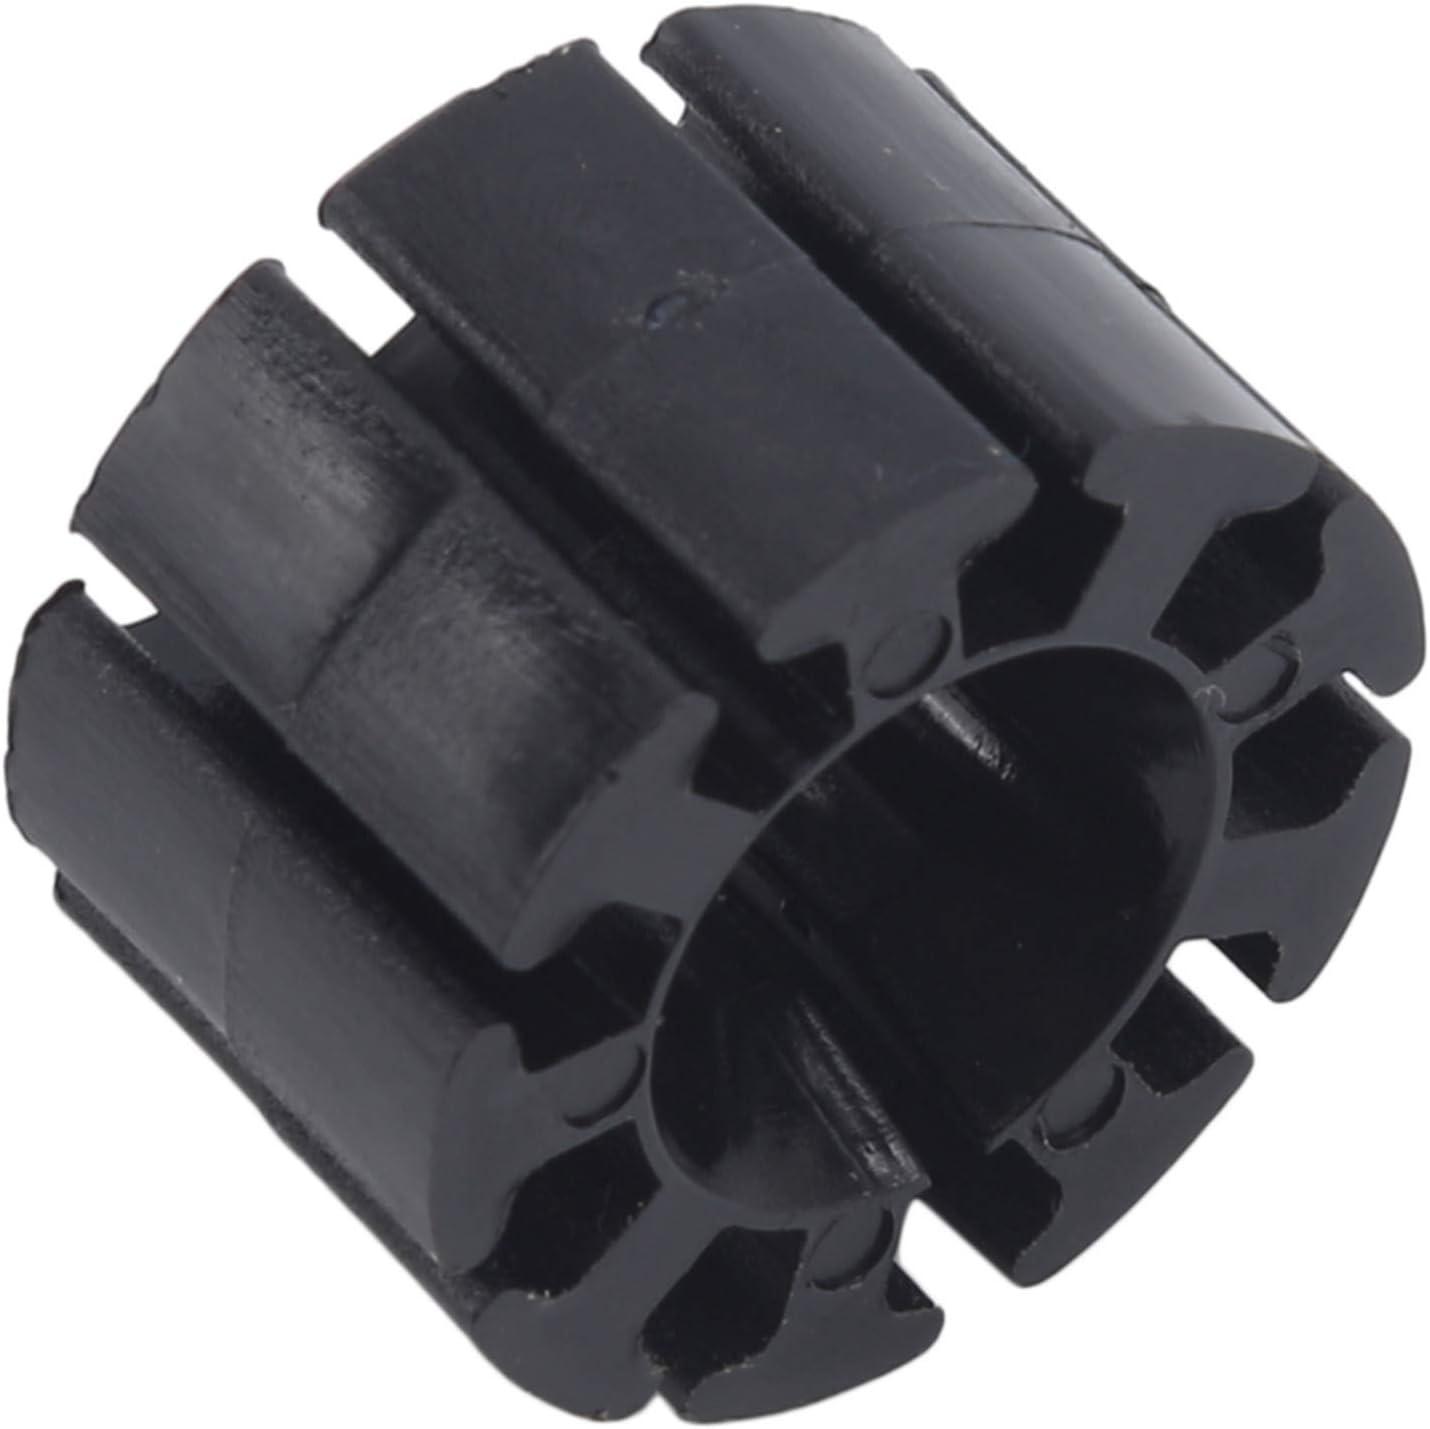 MOONRING Ringgravurwerkzeuge Set Kunststoff Metallring Micro Pave Einstellwerkzeug Schmuckherstellung Verarbeitungswerkzeug